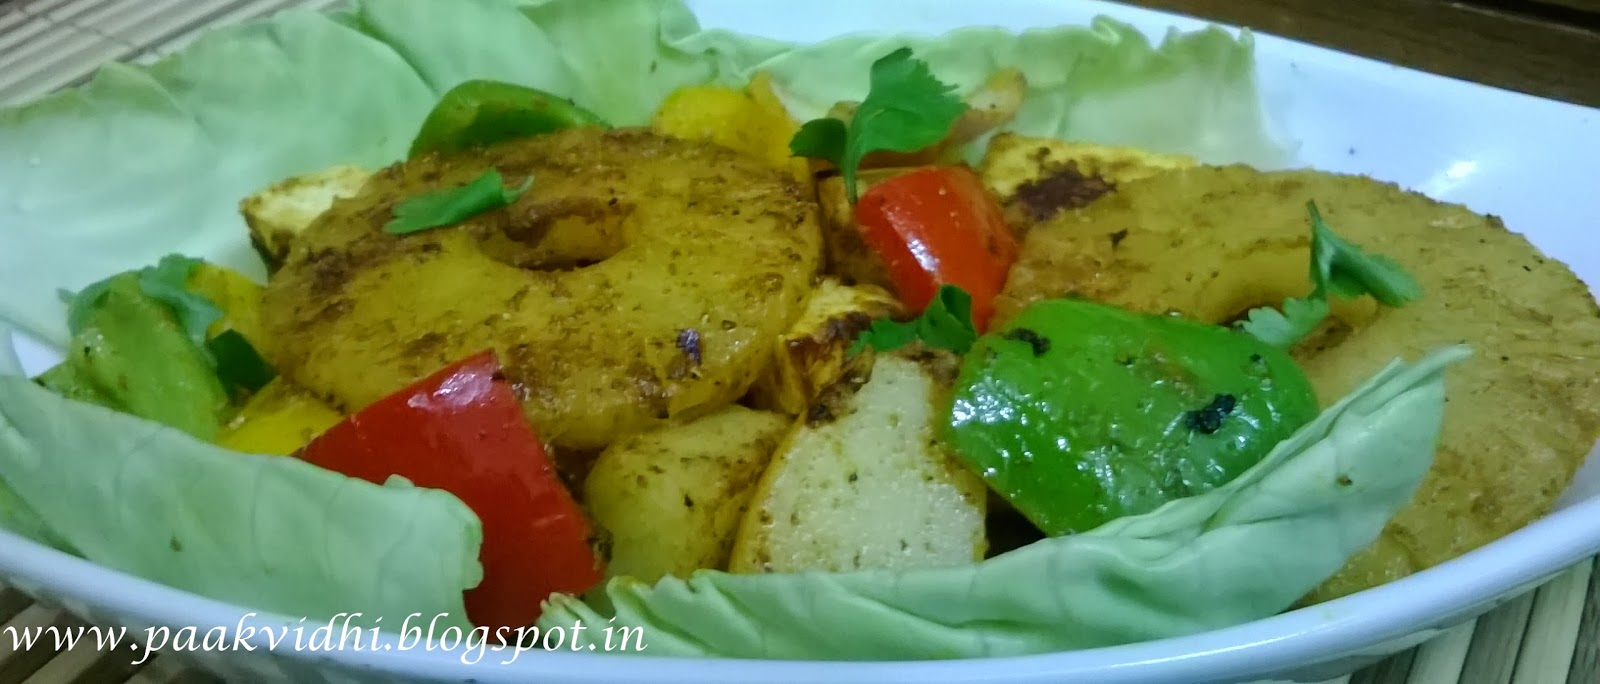 http://paakvidhi.blogspot.in/2014/03/tandoori-salad.html